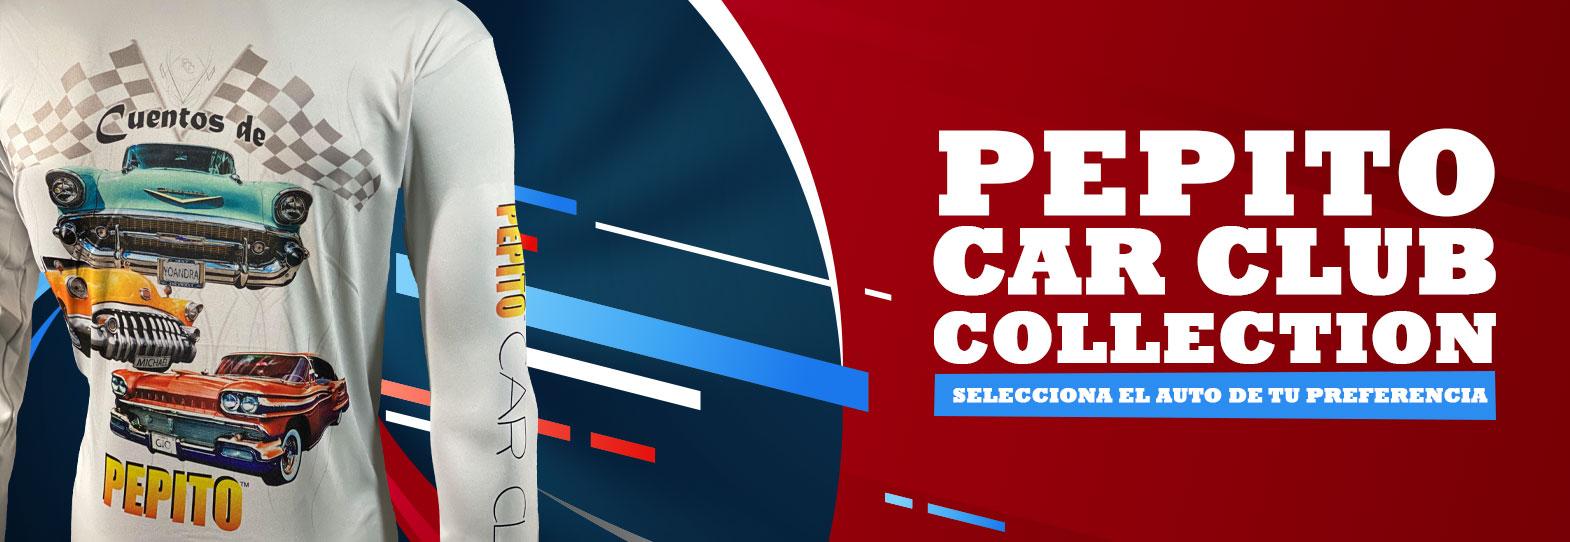 header---pepito-productos